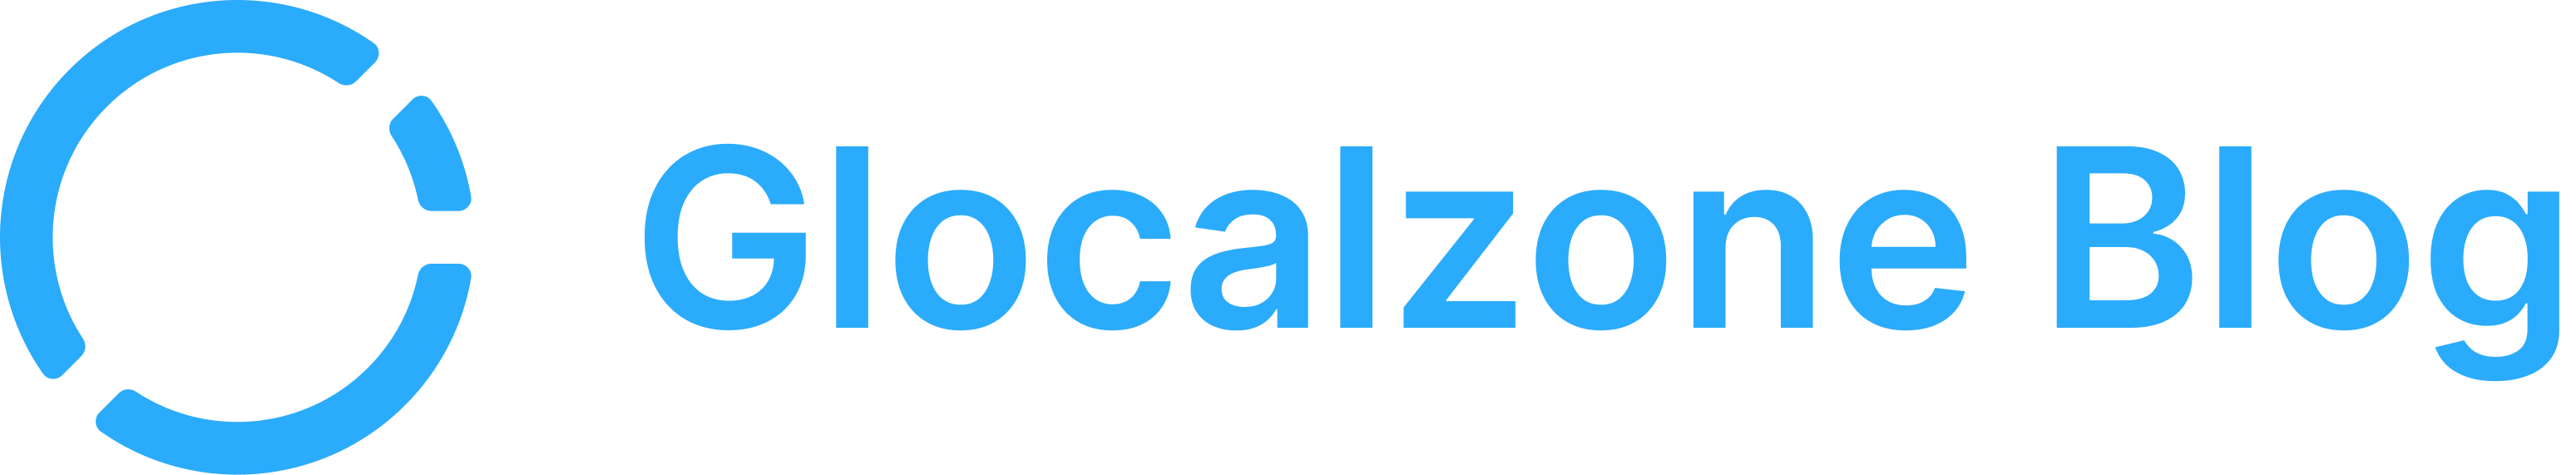 Glocalzone Blog